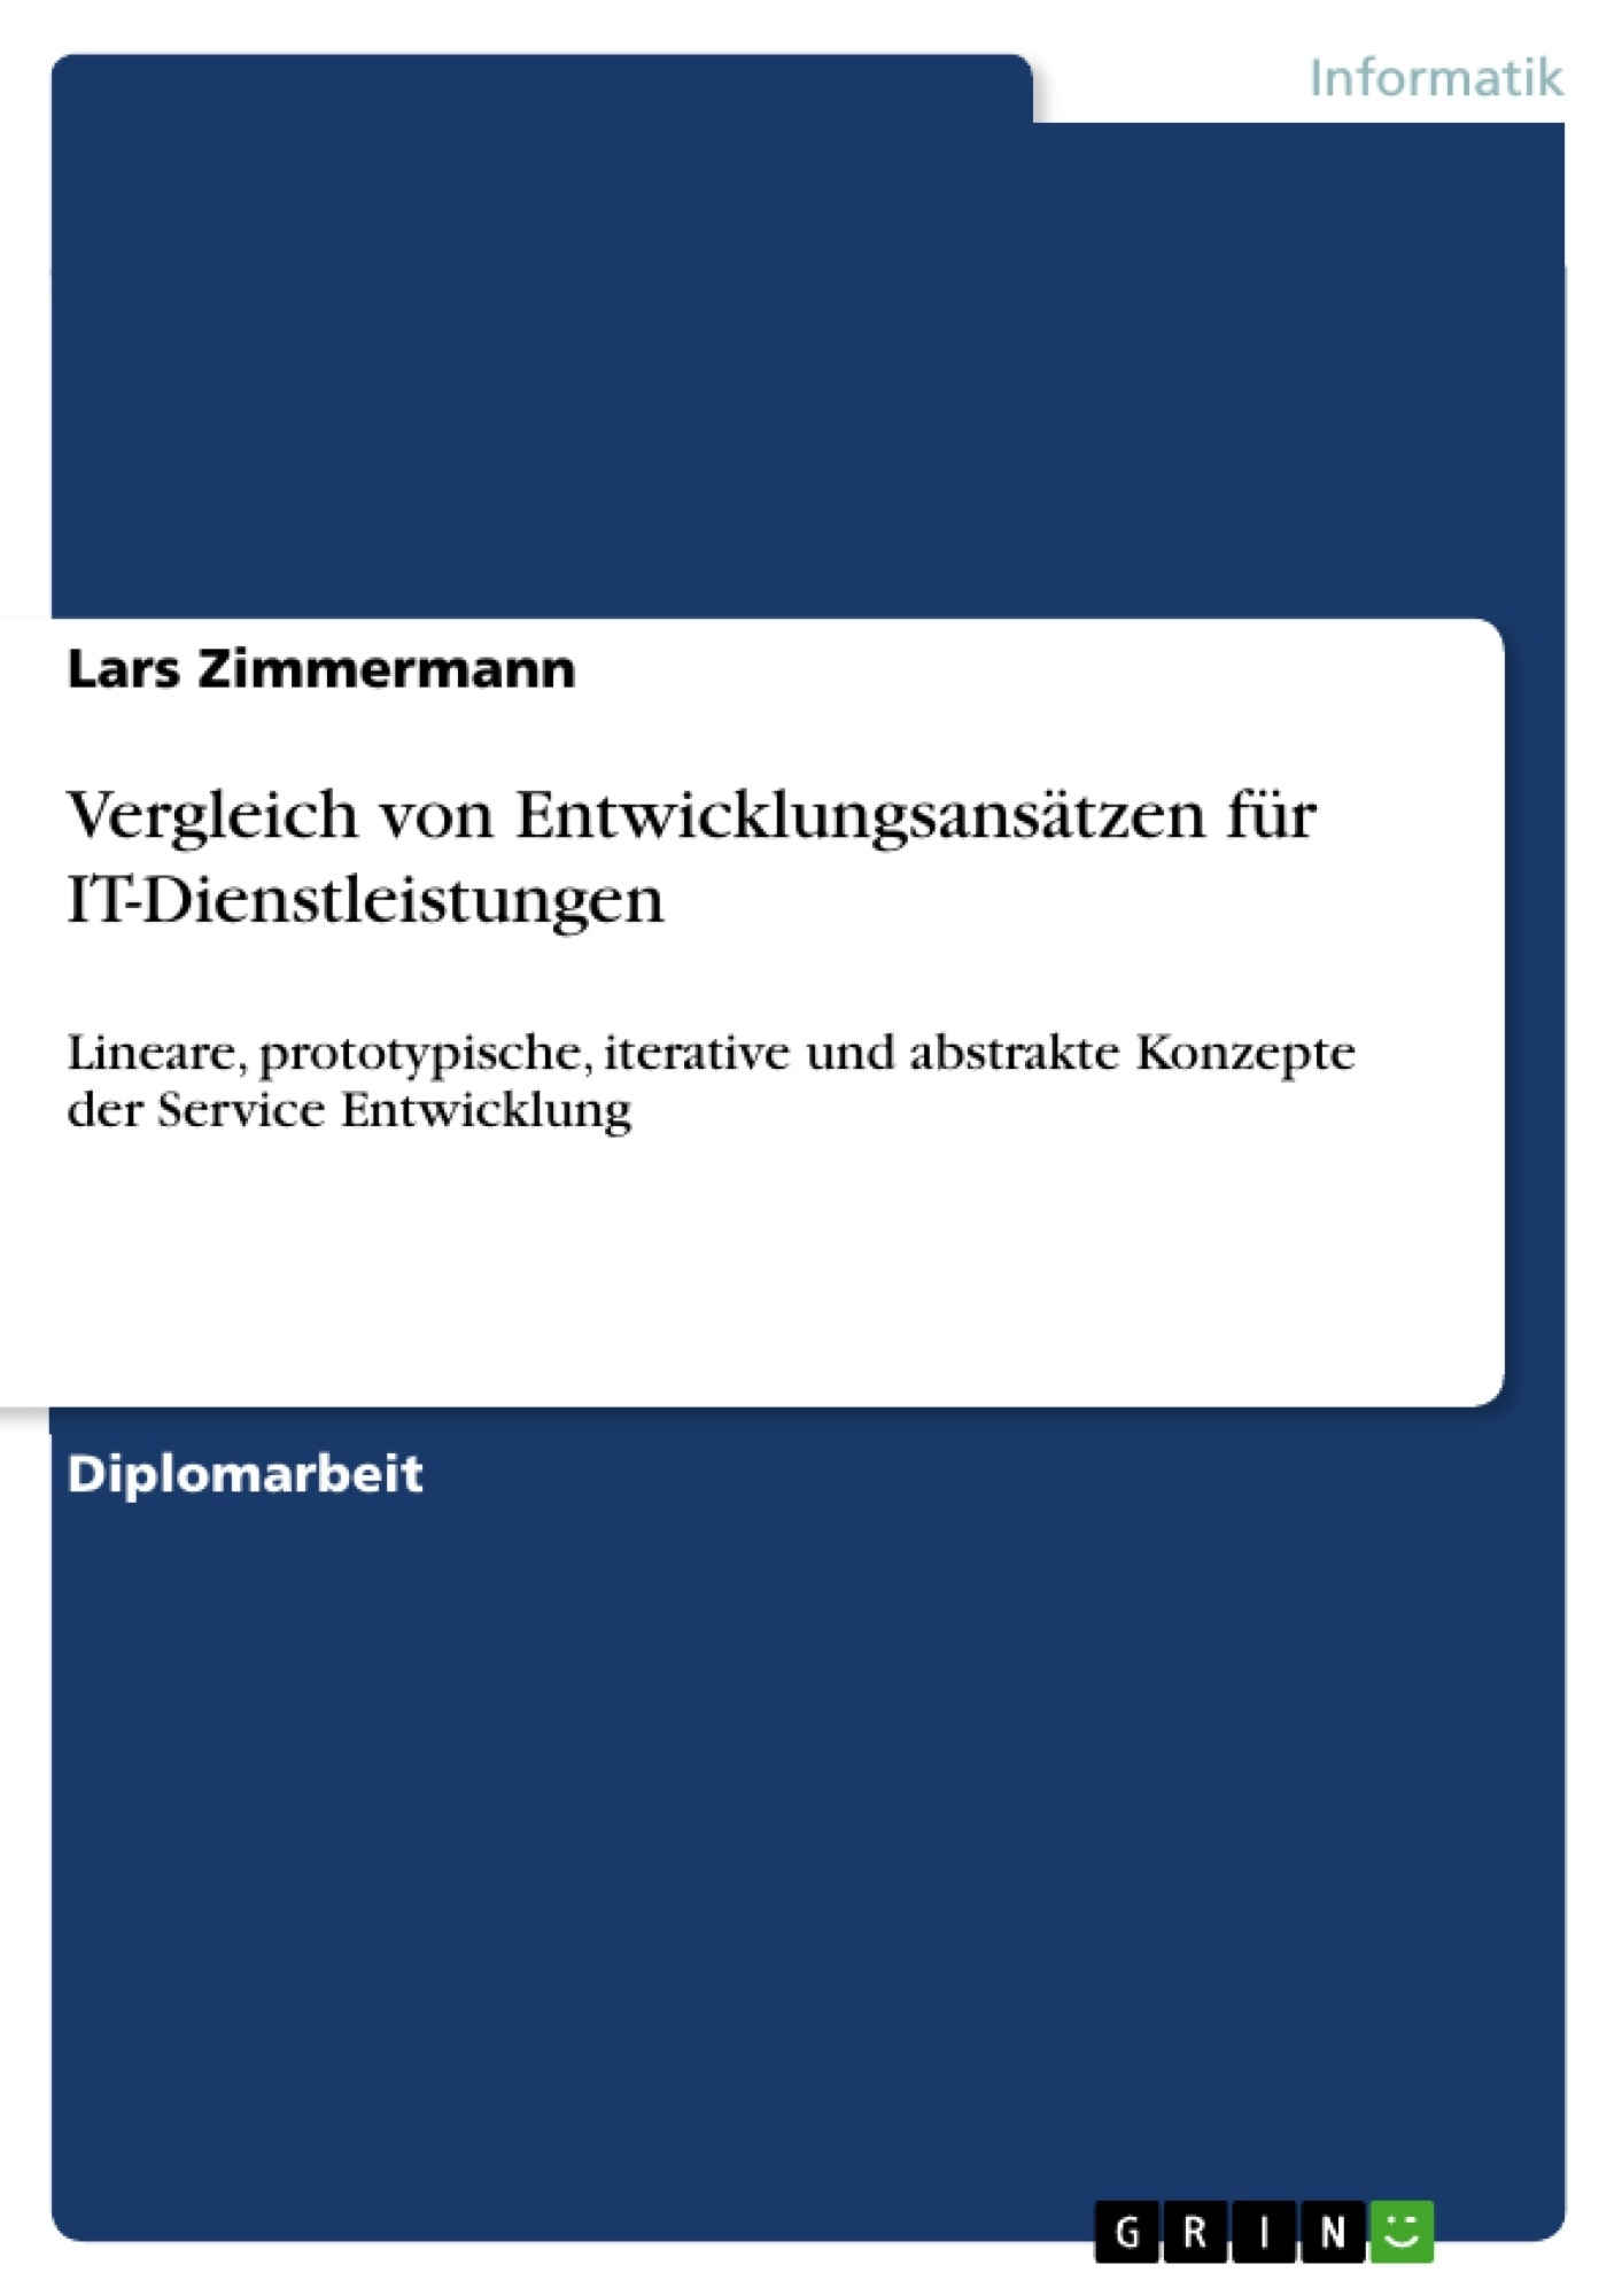 Titel: Vergleich von Entwicklungsansätzen für IT-Dienstleistungen